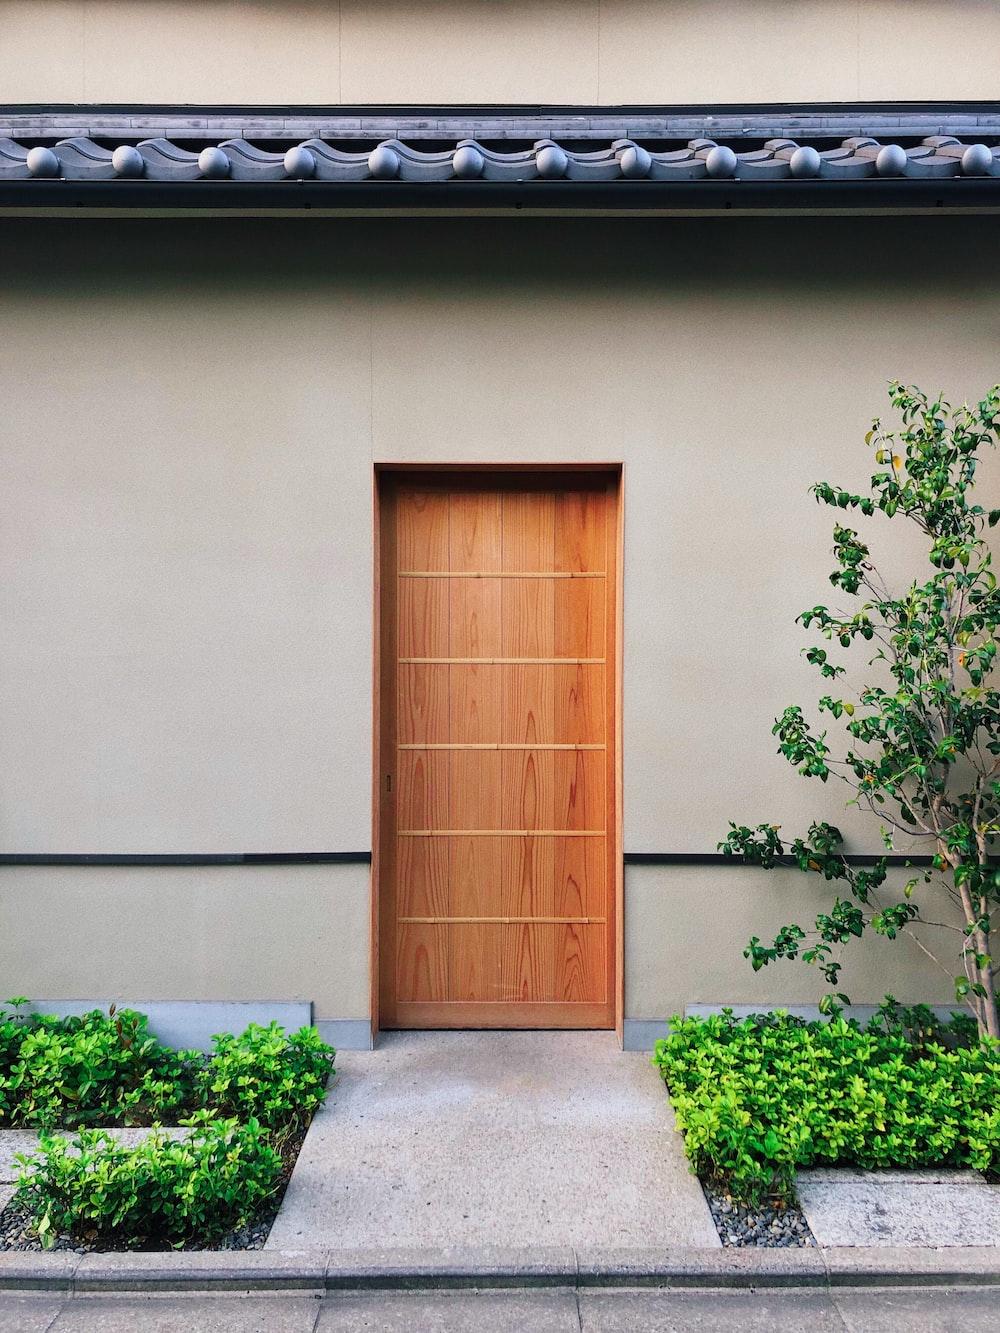 brown wooden door is close during daytime